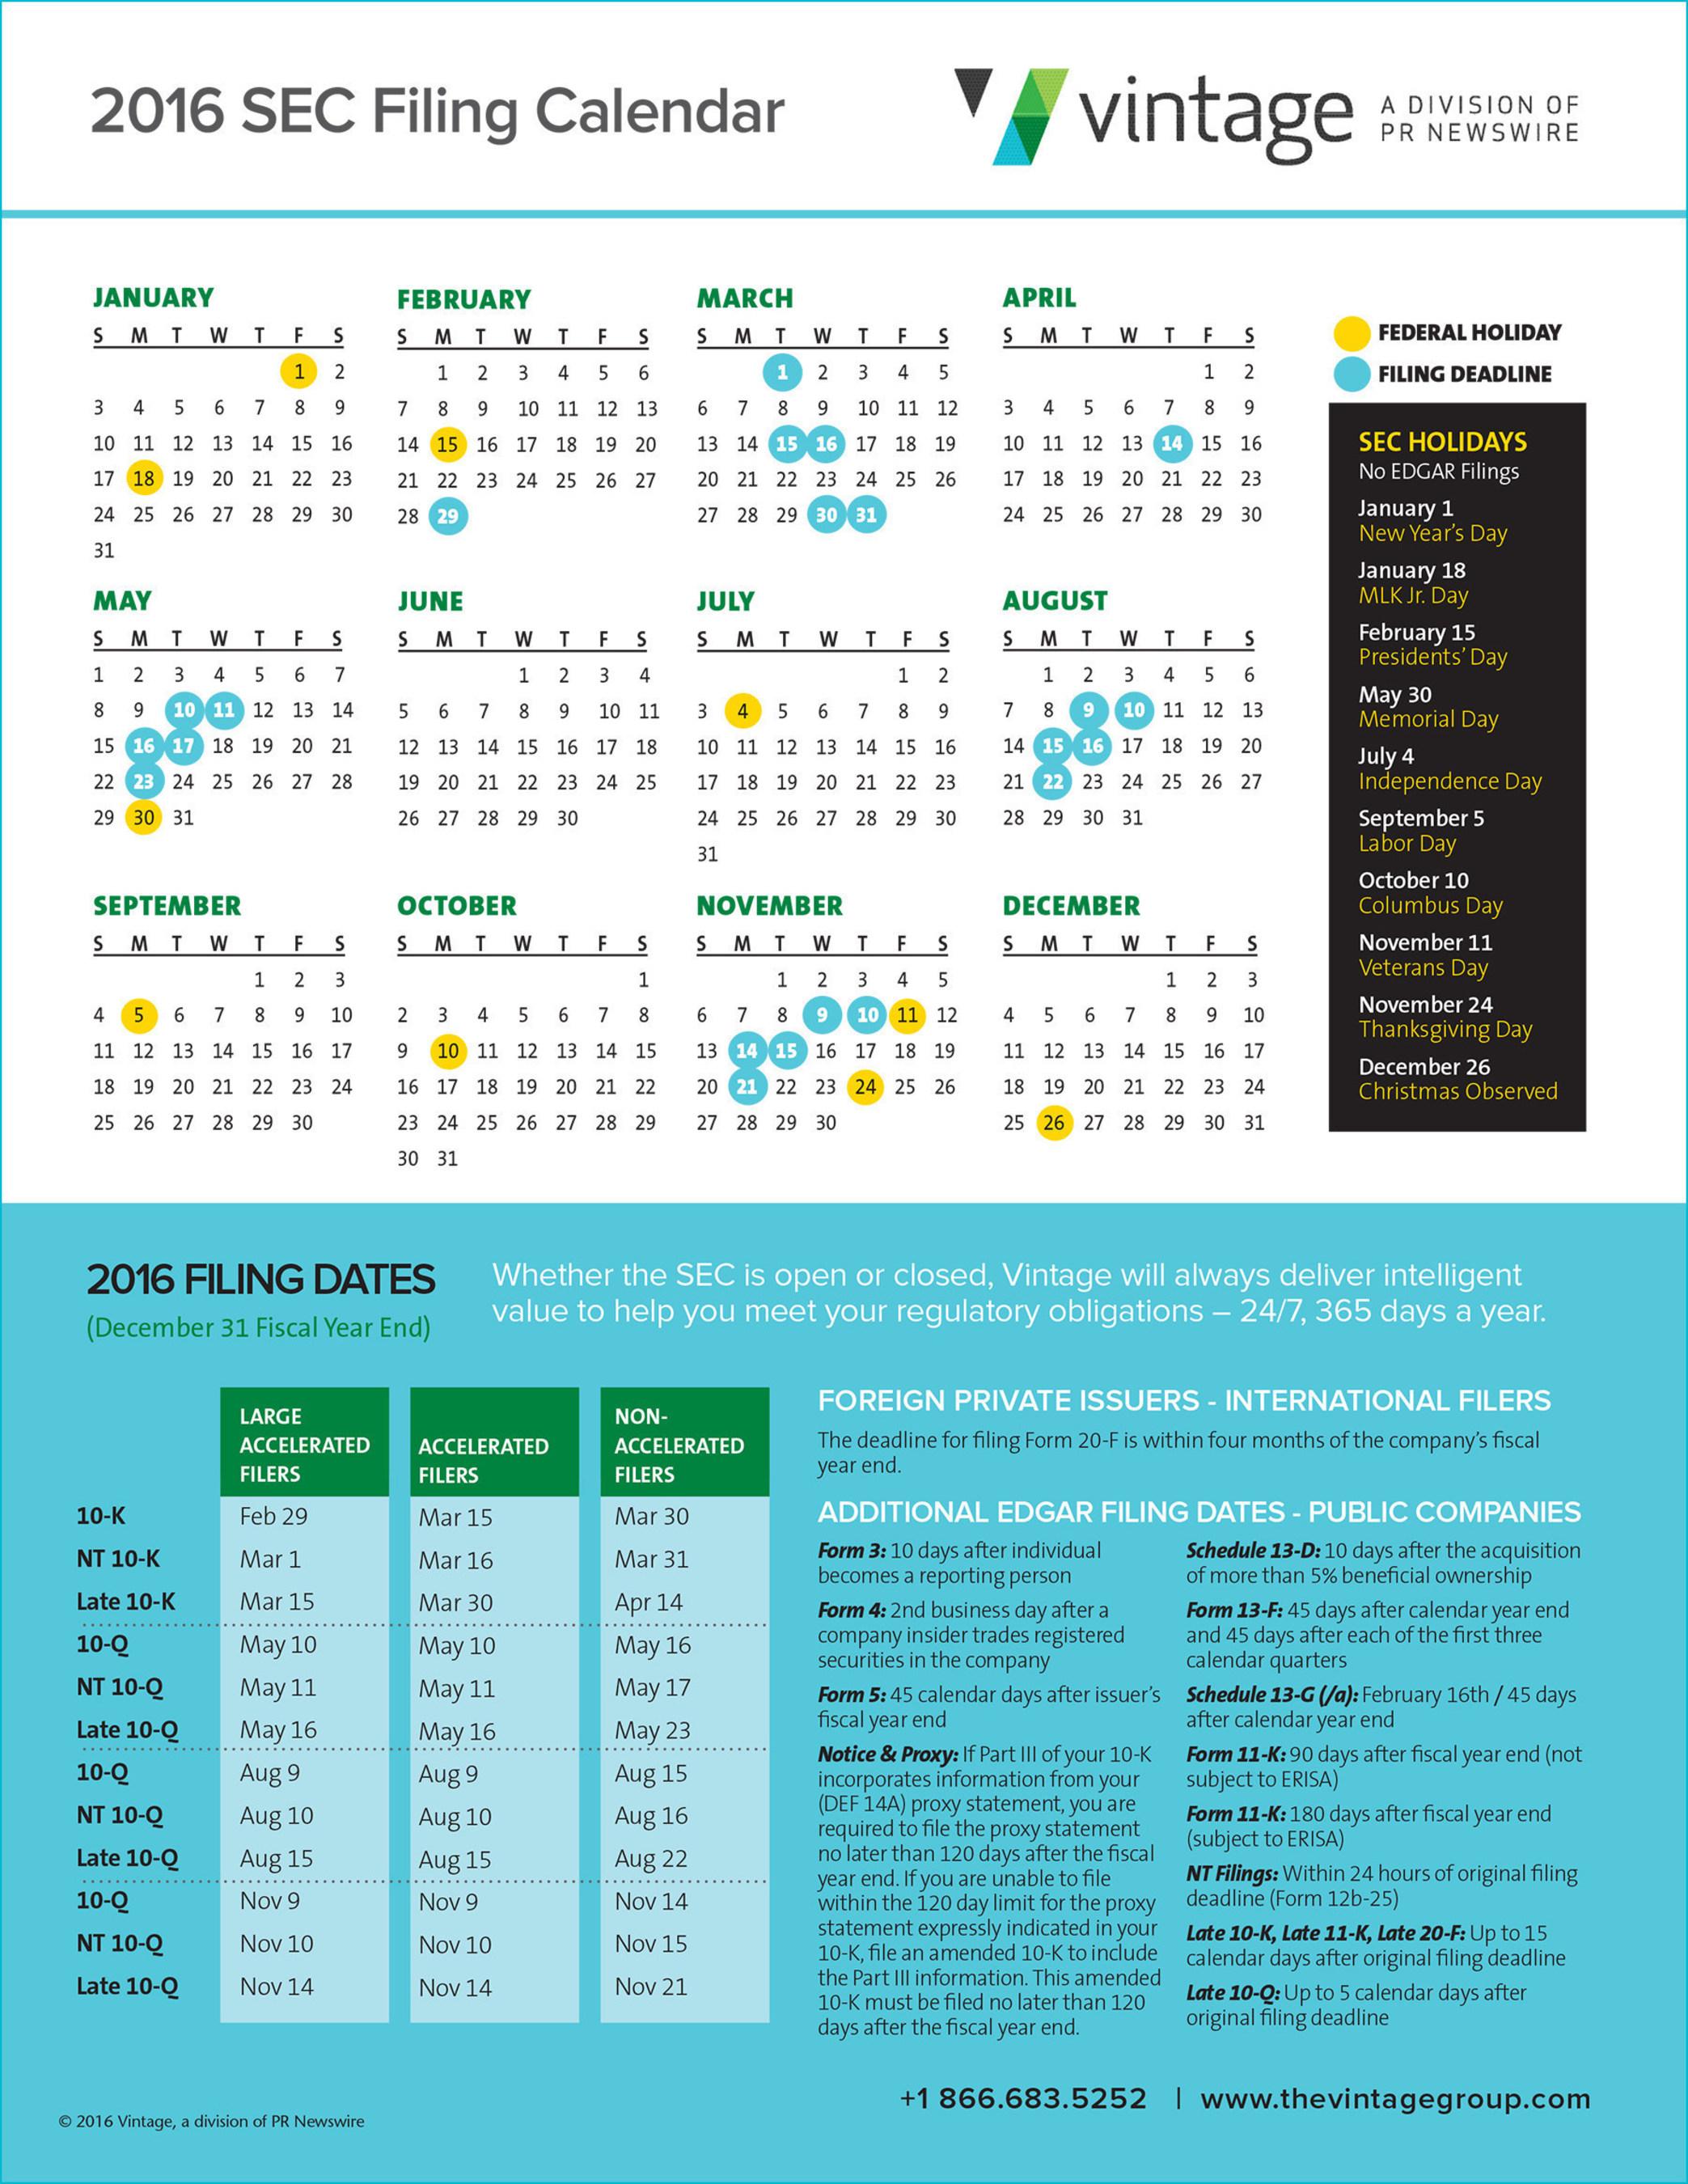 Download the SEC Holiday and Filing Deadline calendar now: http://e.prnewswire.com/SEC-2016-Calendar-email.html